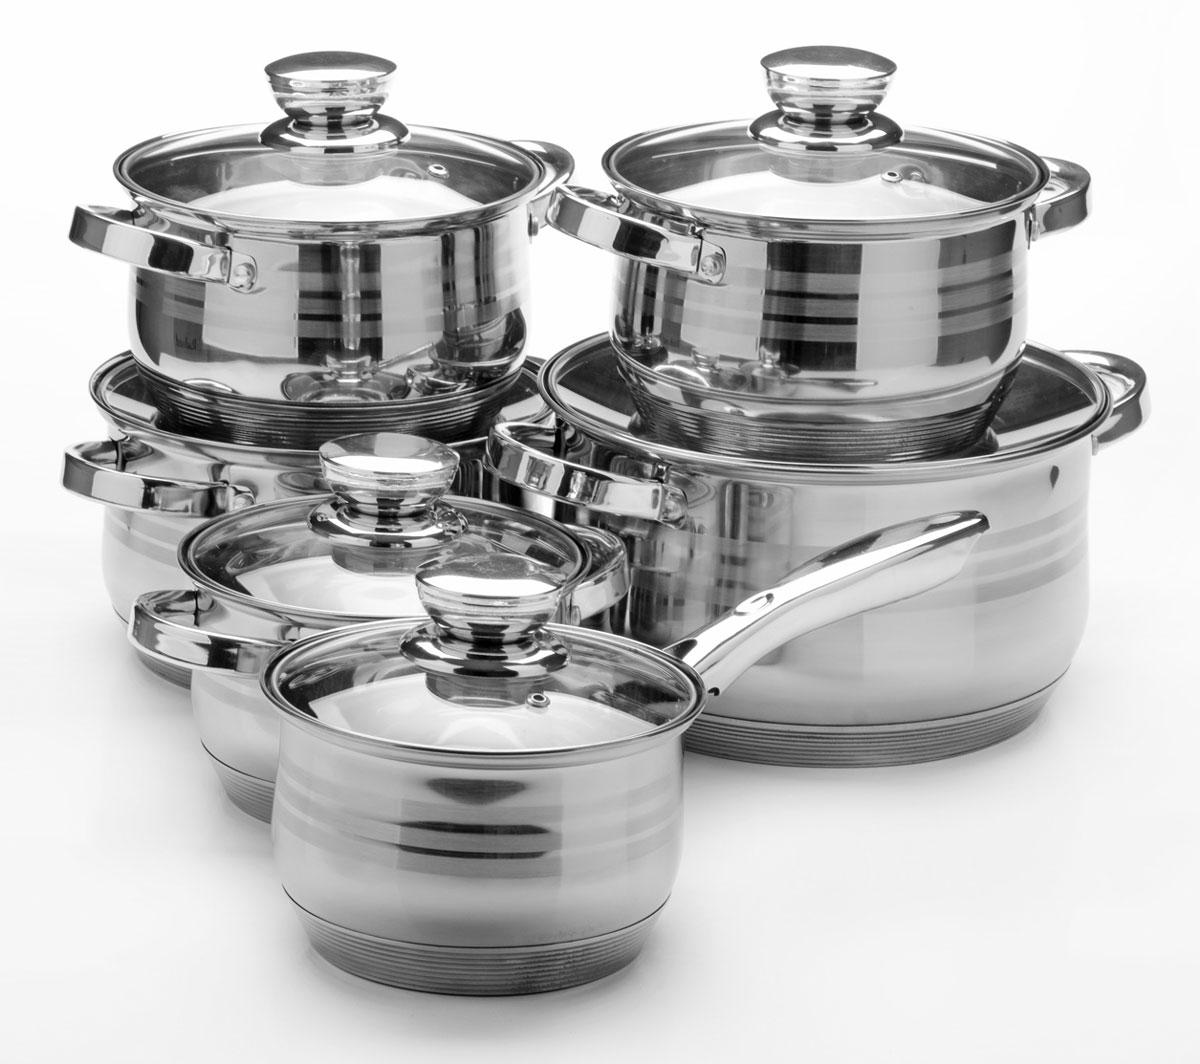 Набор посуды Mayer & Boch, 12 предметов. 26035260352,1+2,1+2,9+2,9+3,9+6,6л